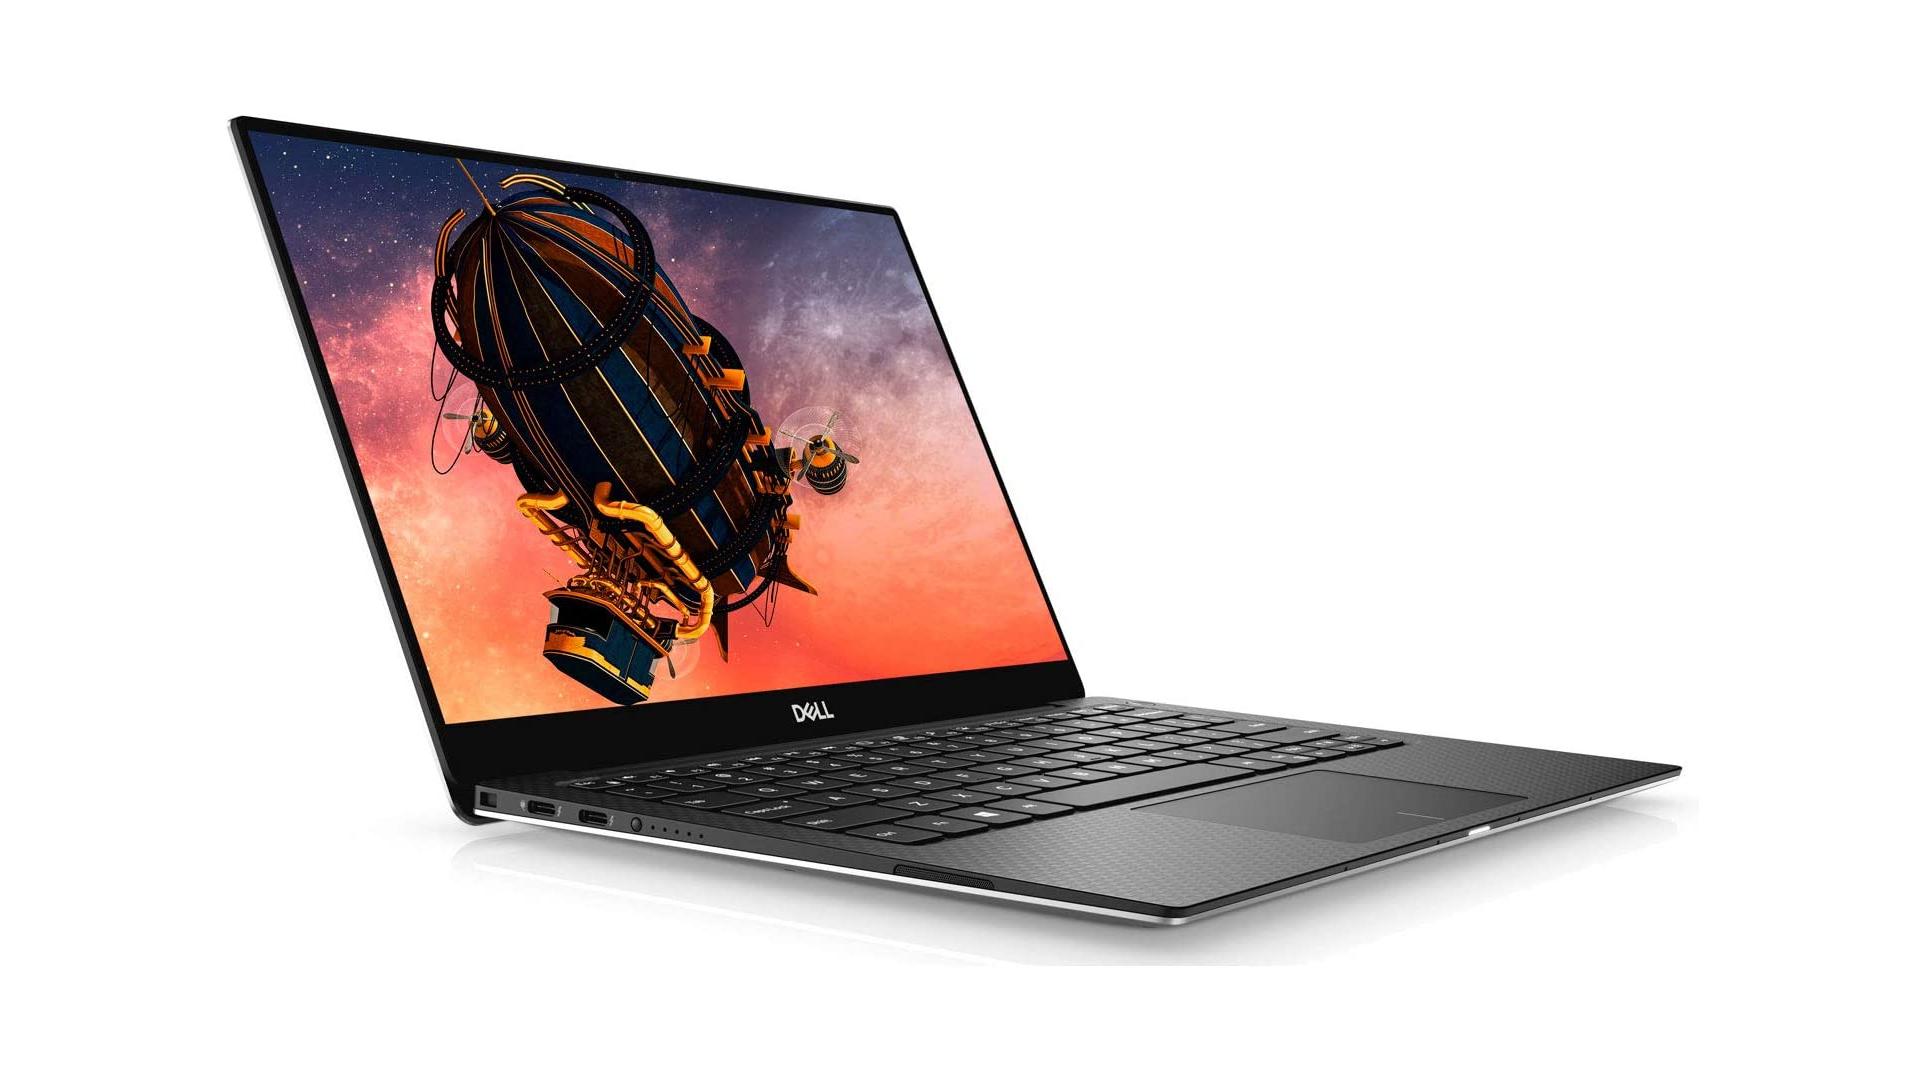 Le Dell XPS 13 devient le meilleur laptop à moins de 1000 euros